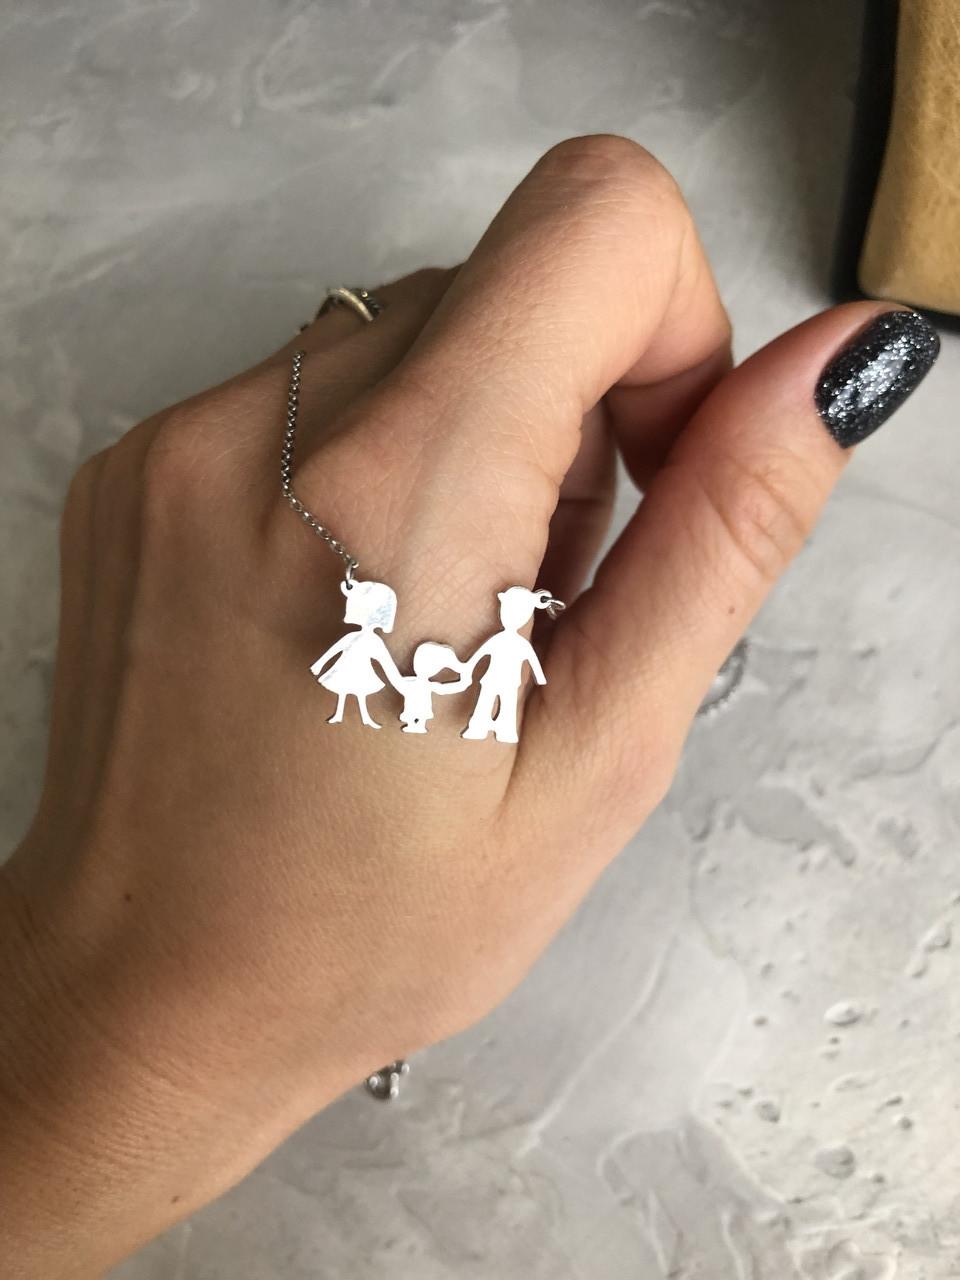 Кулон из серебра Мої прикраси Семья 2+1 покрыт родием